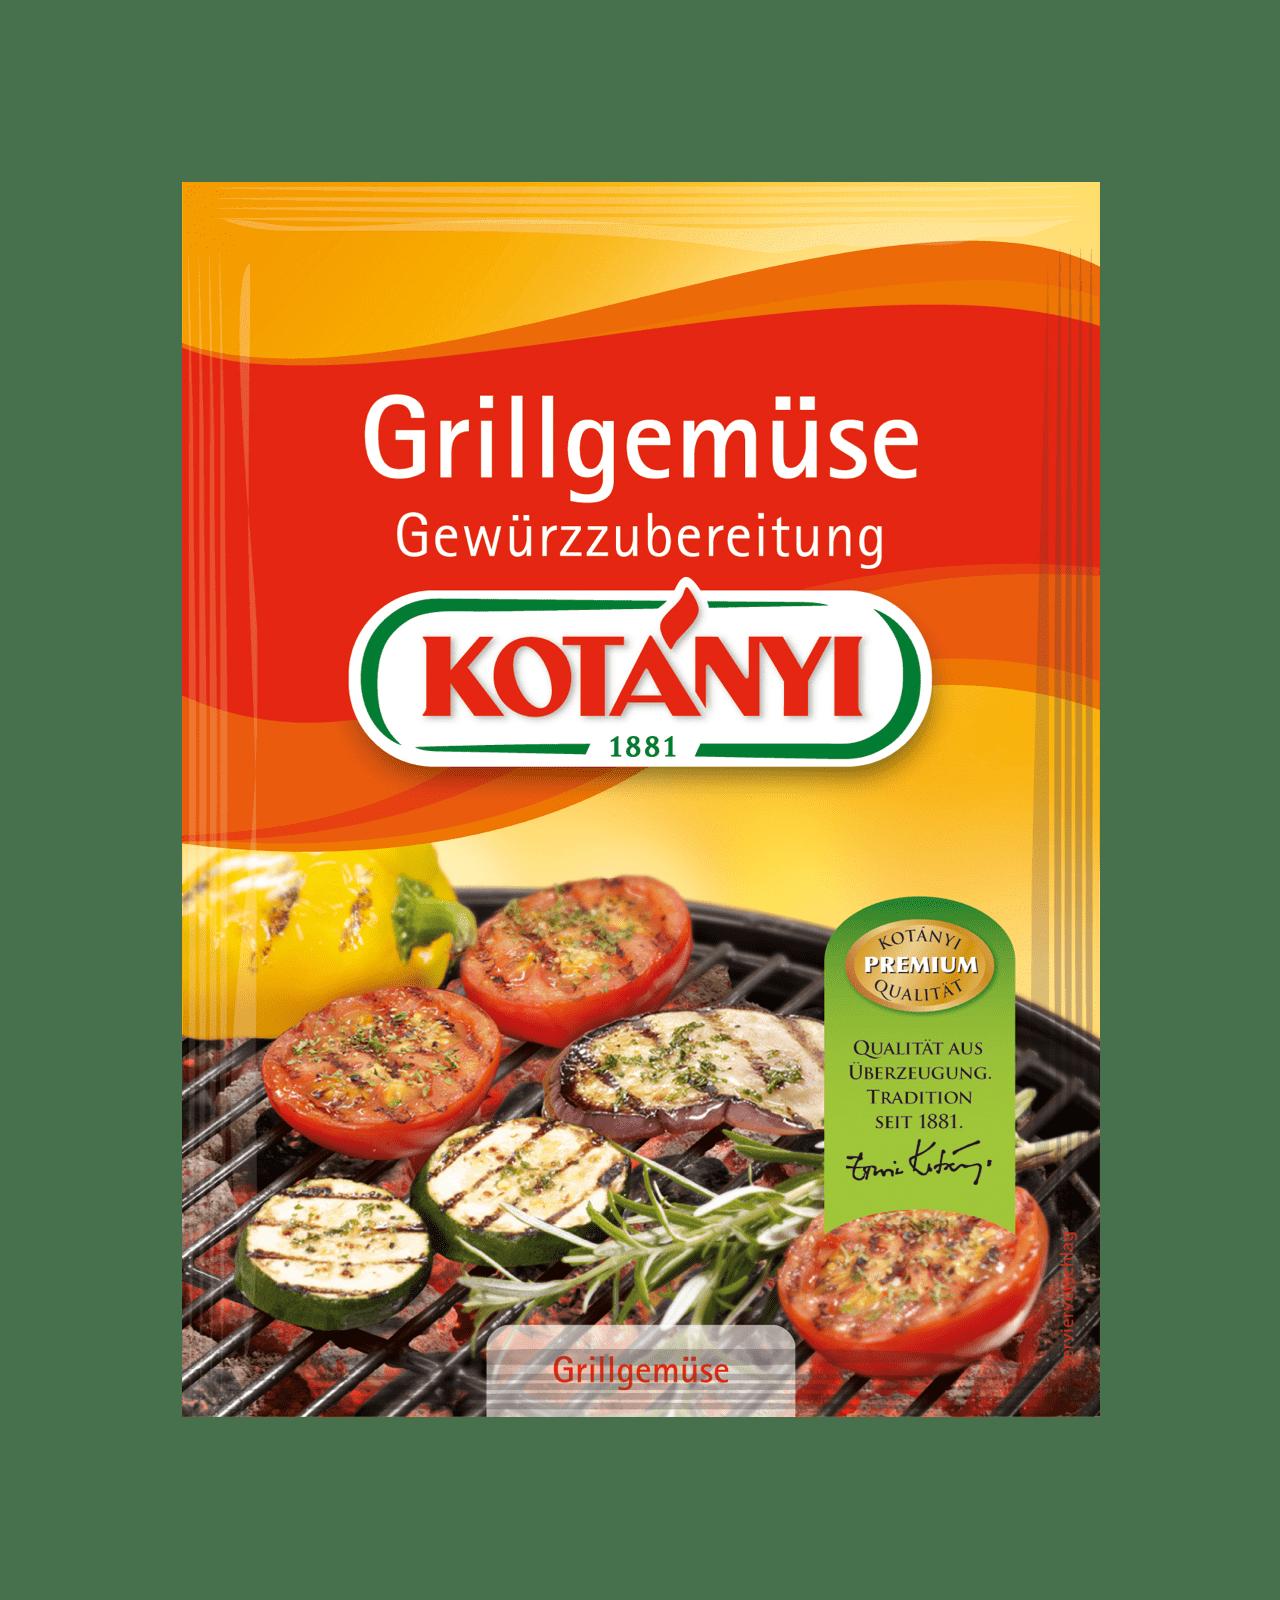 Kotányi Grillgemüse Gewürzzubereitung im Brief